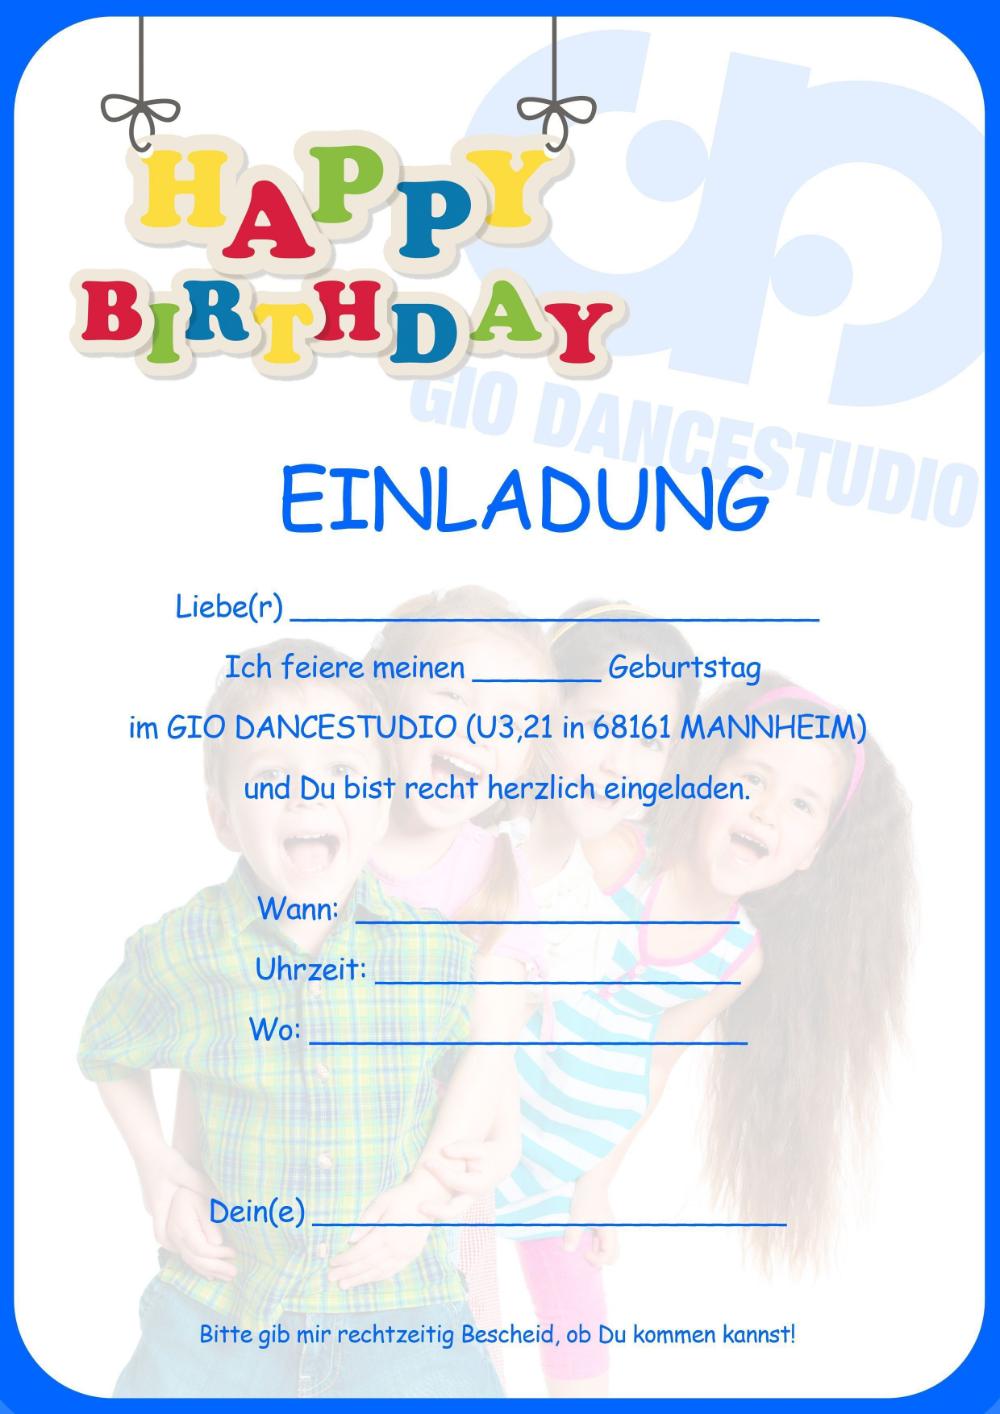 Einladung Kindergeburtstag Vorlage Geburtstag Einladungkarten Vorlagen Einladungskarten Kindergeburtstag